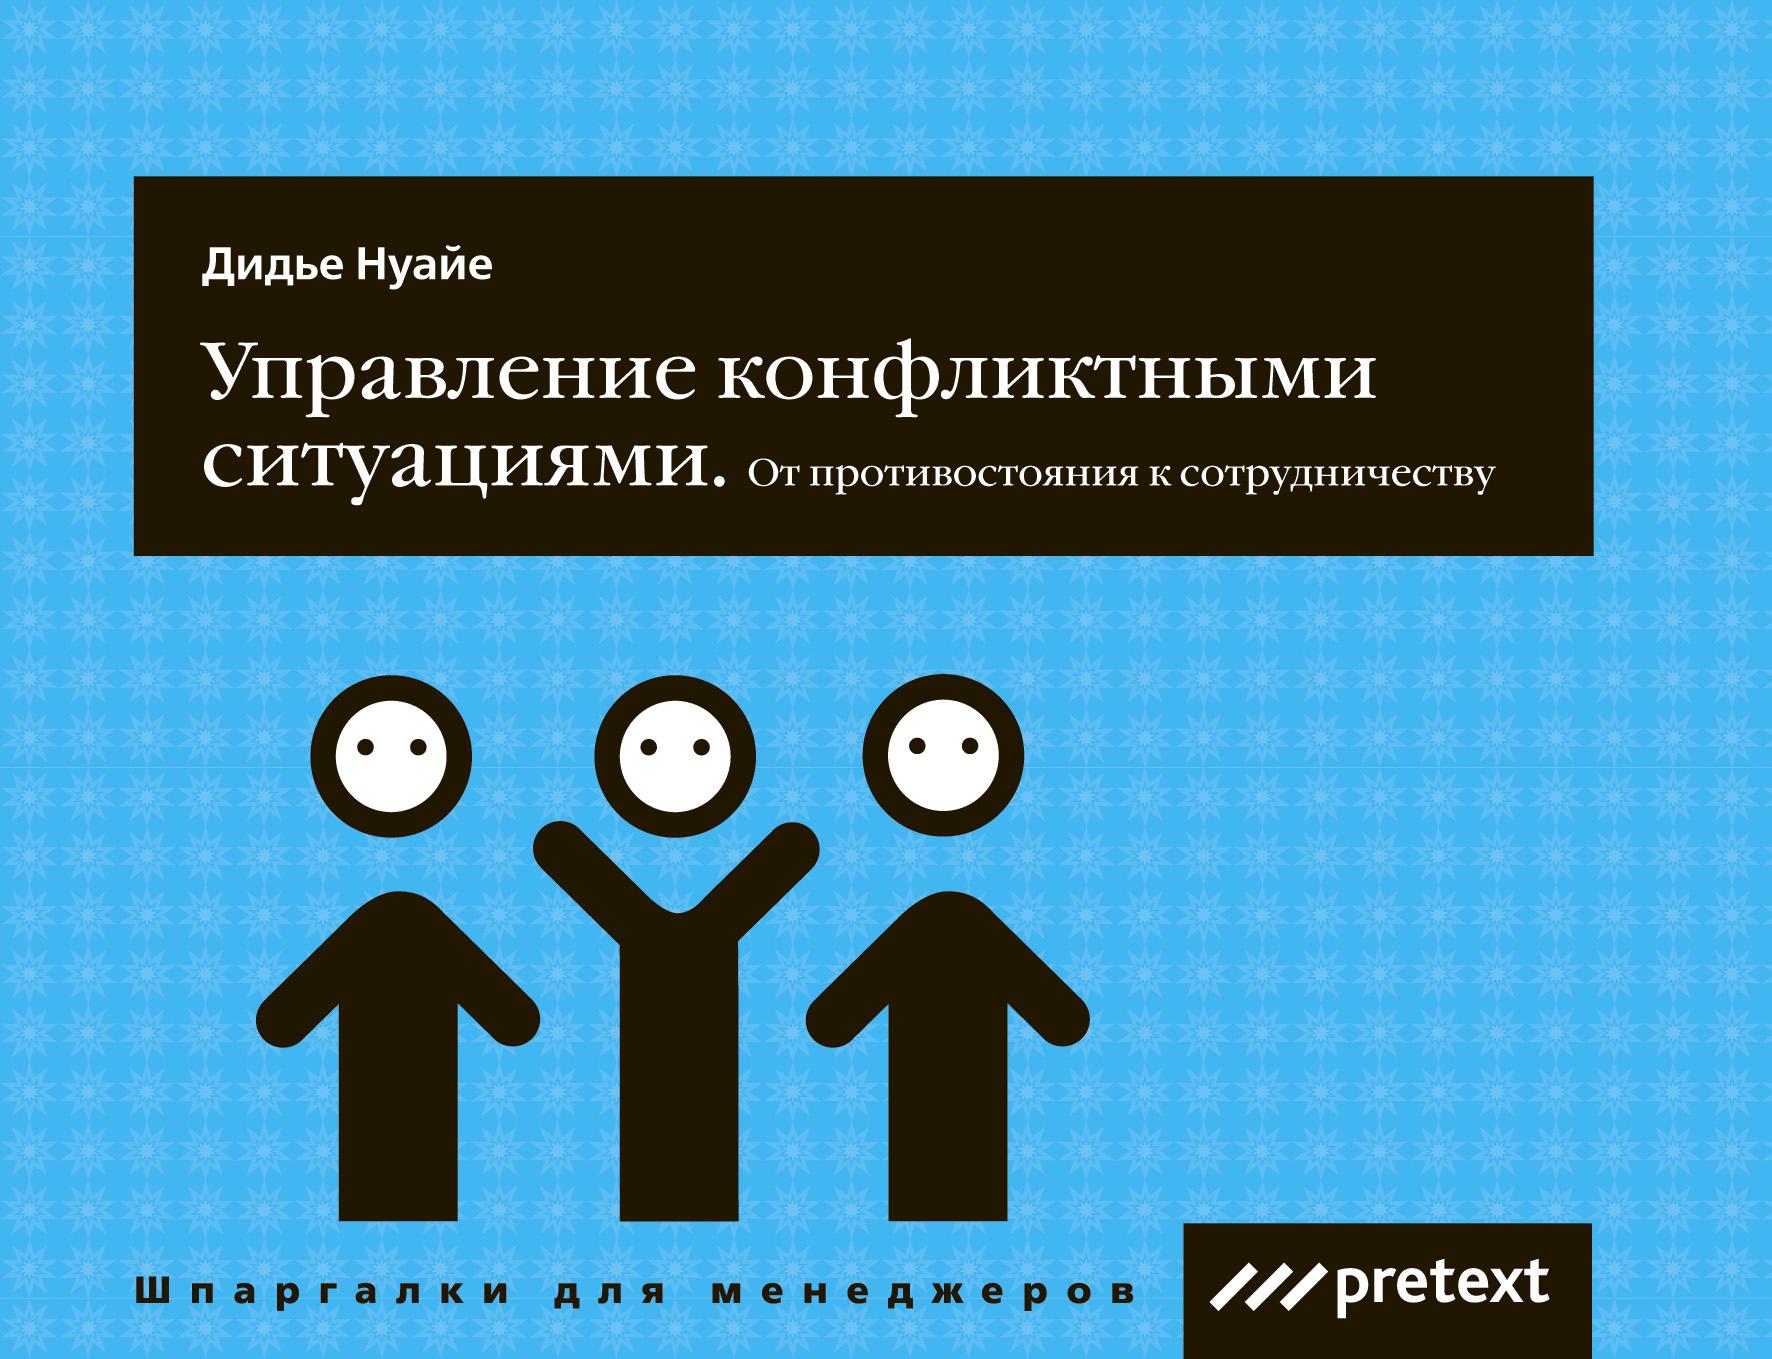 Управление конфликтными ситуациями: отпротивостояния ксотрудничеству